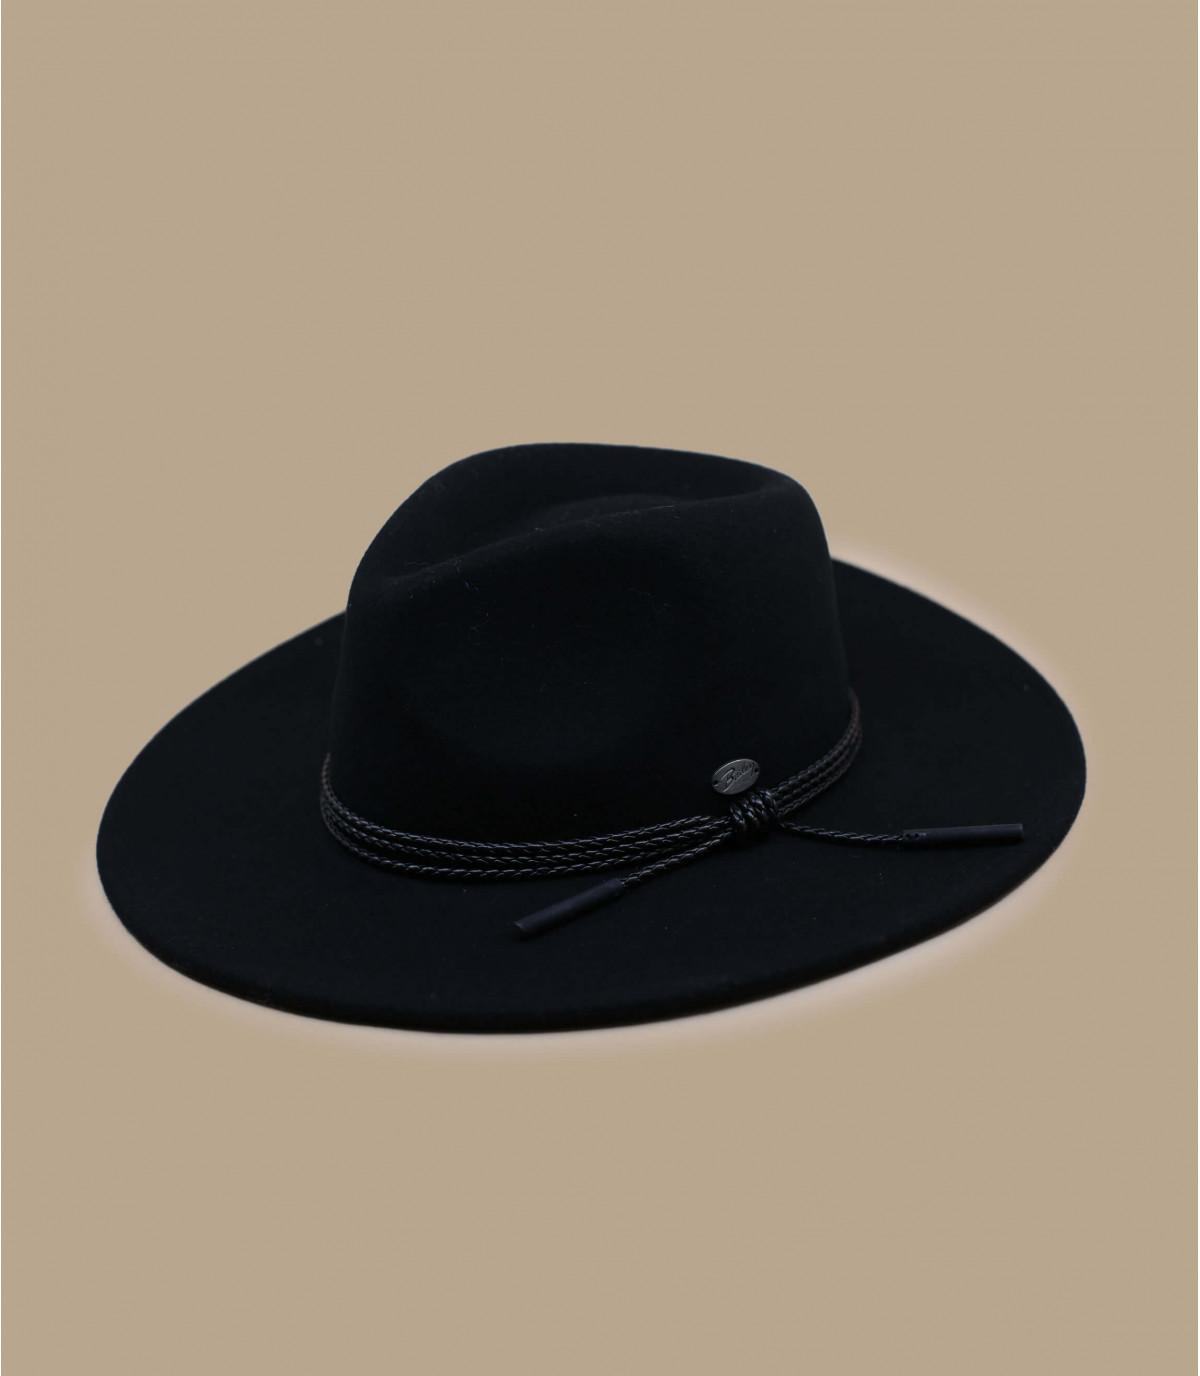 cappello di feltro nero a tesa larga